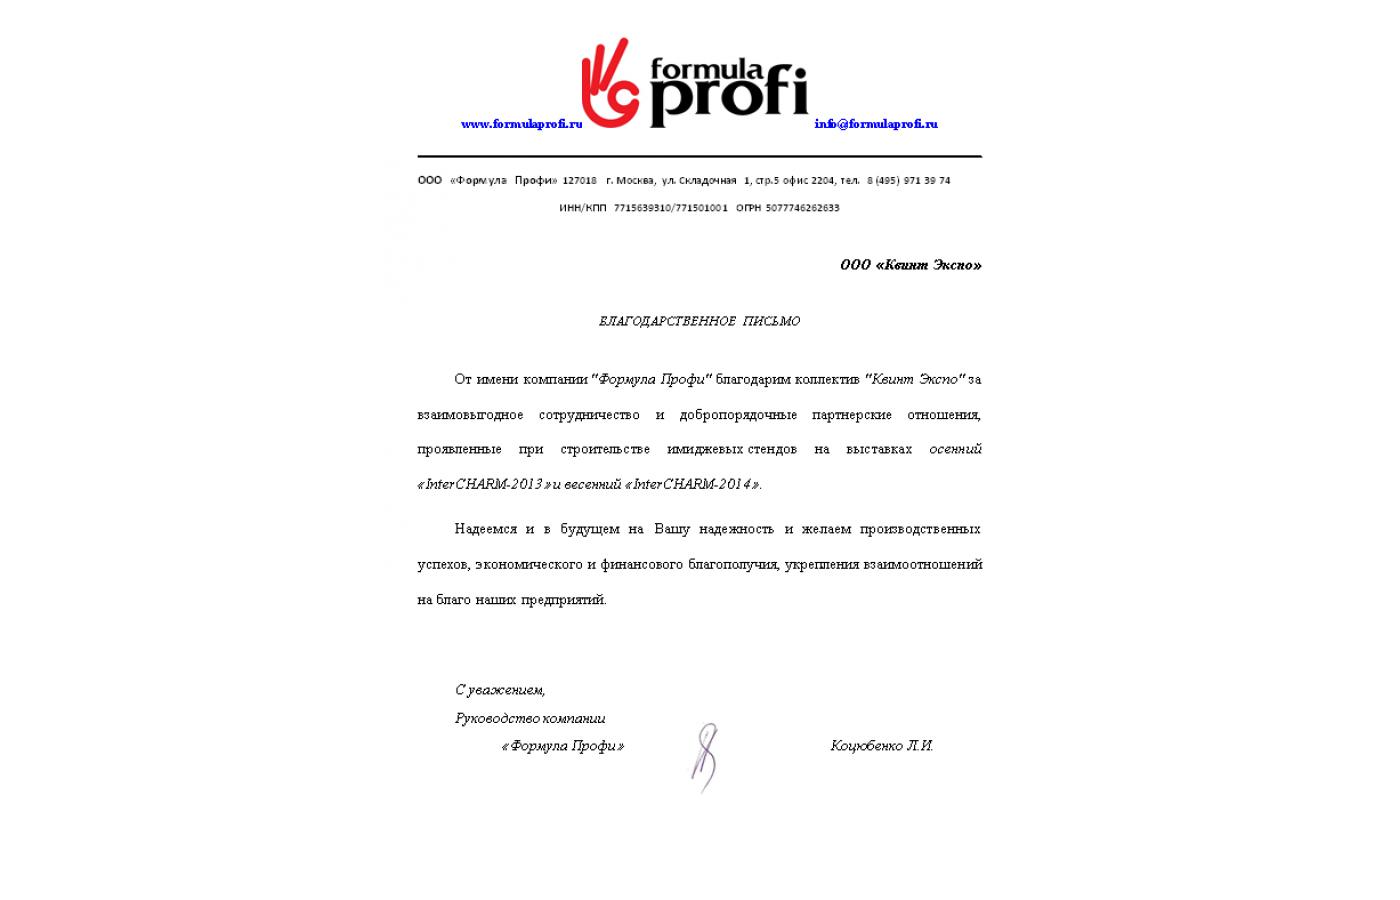 ООО «Формула Профи»